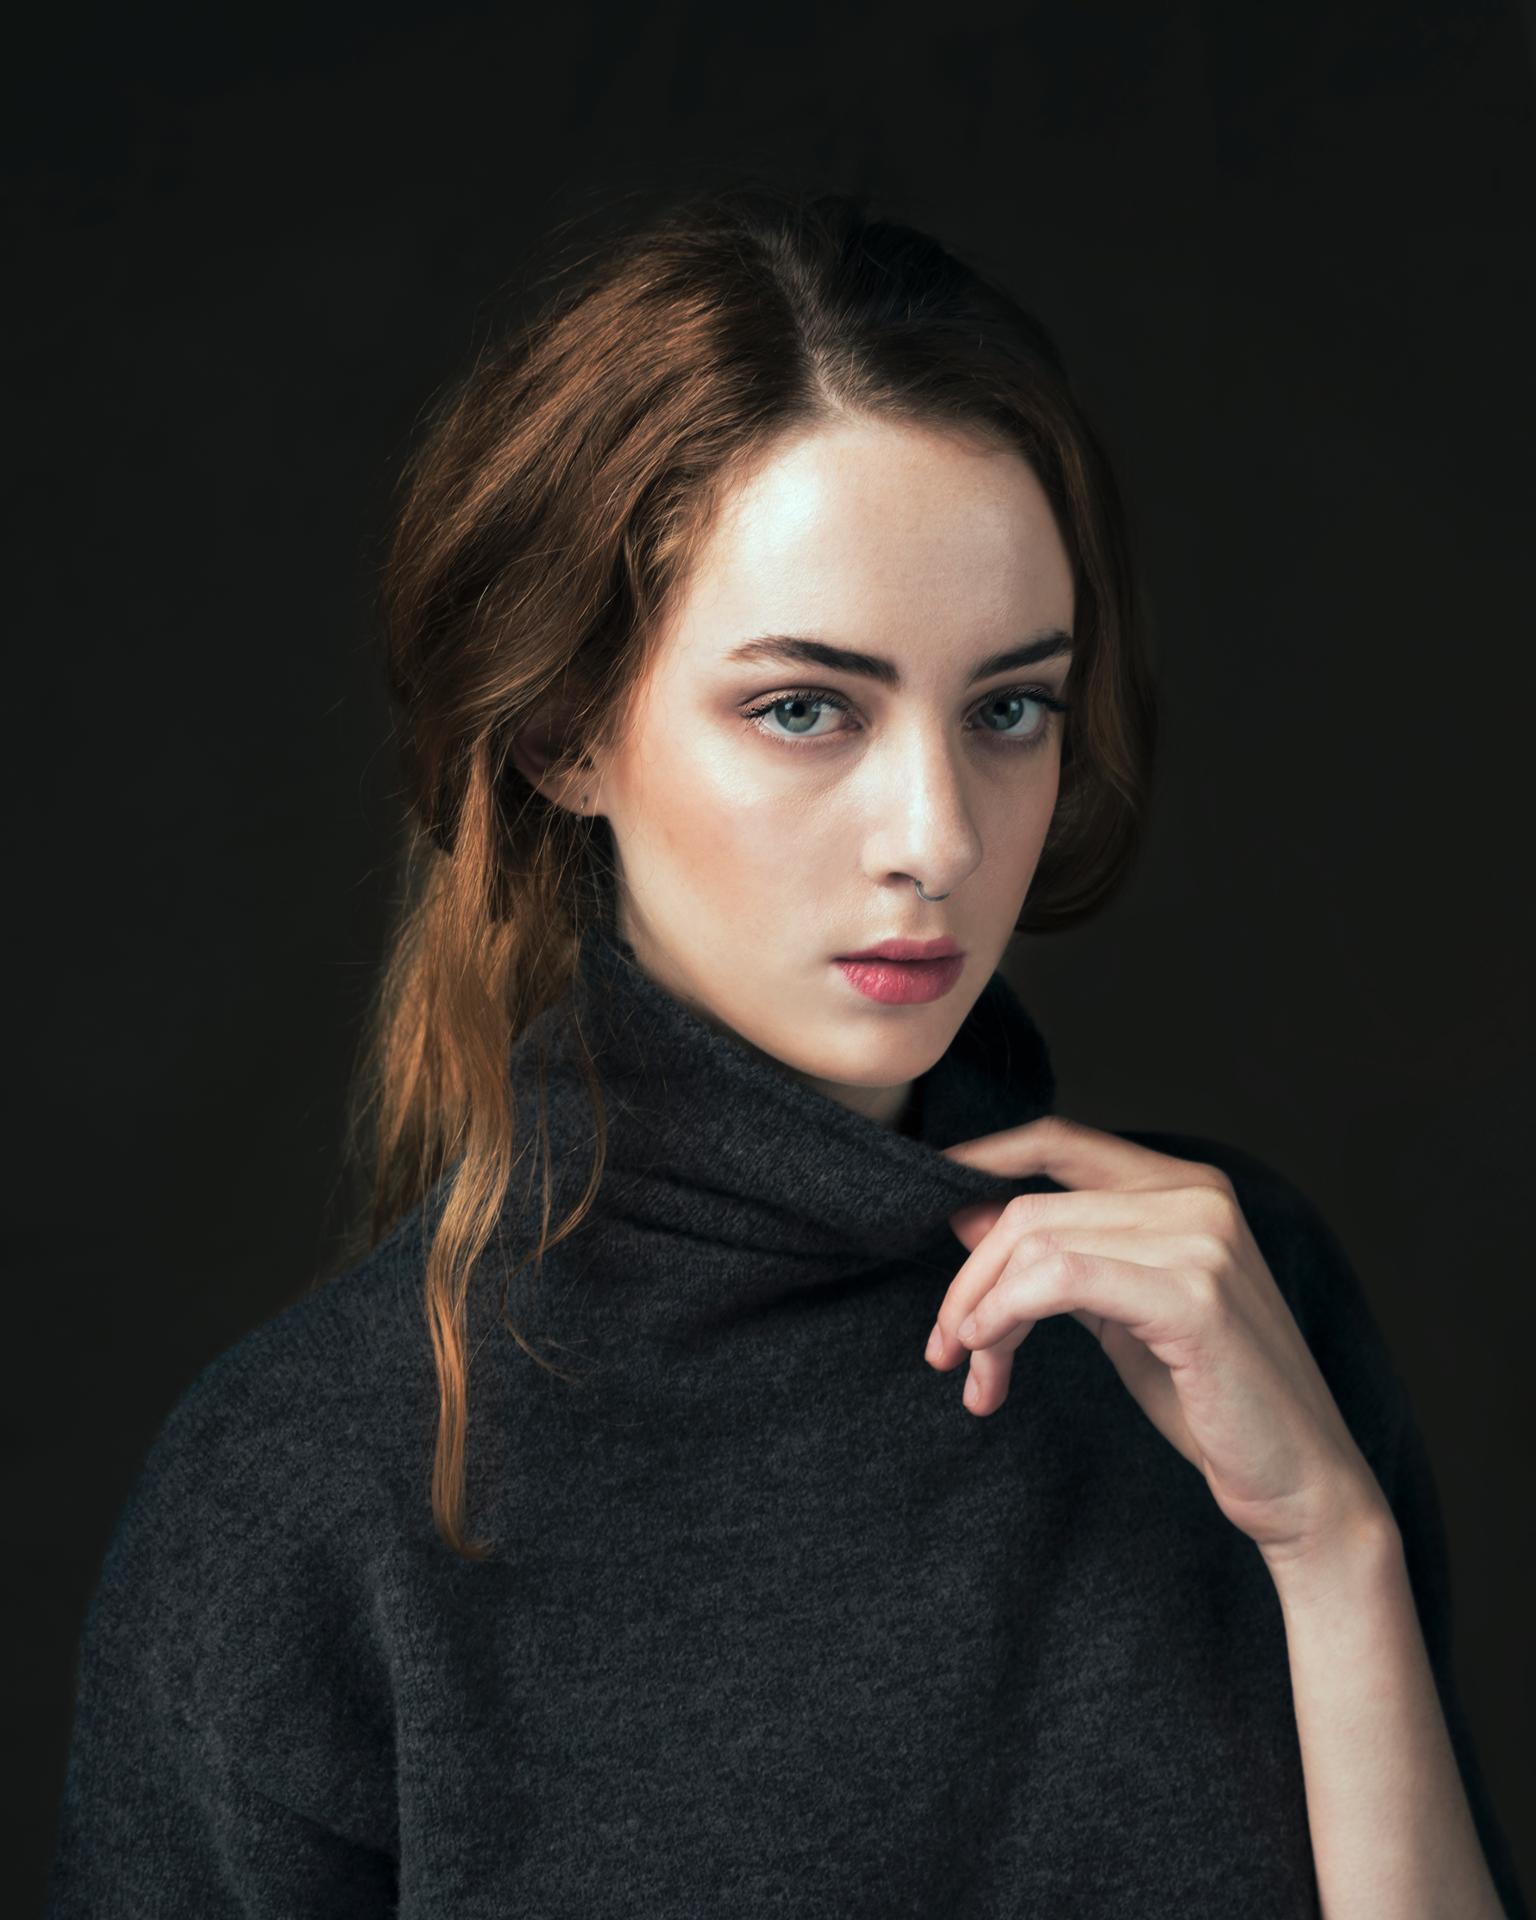 Chloé, Parisienne